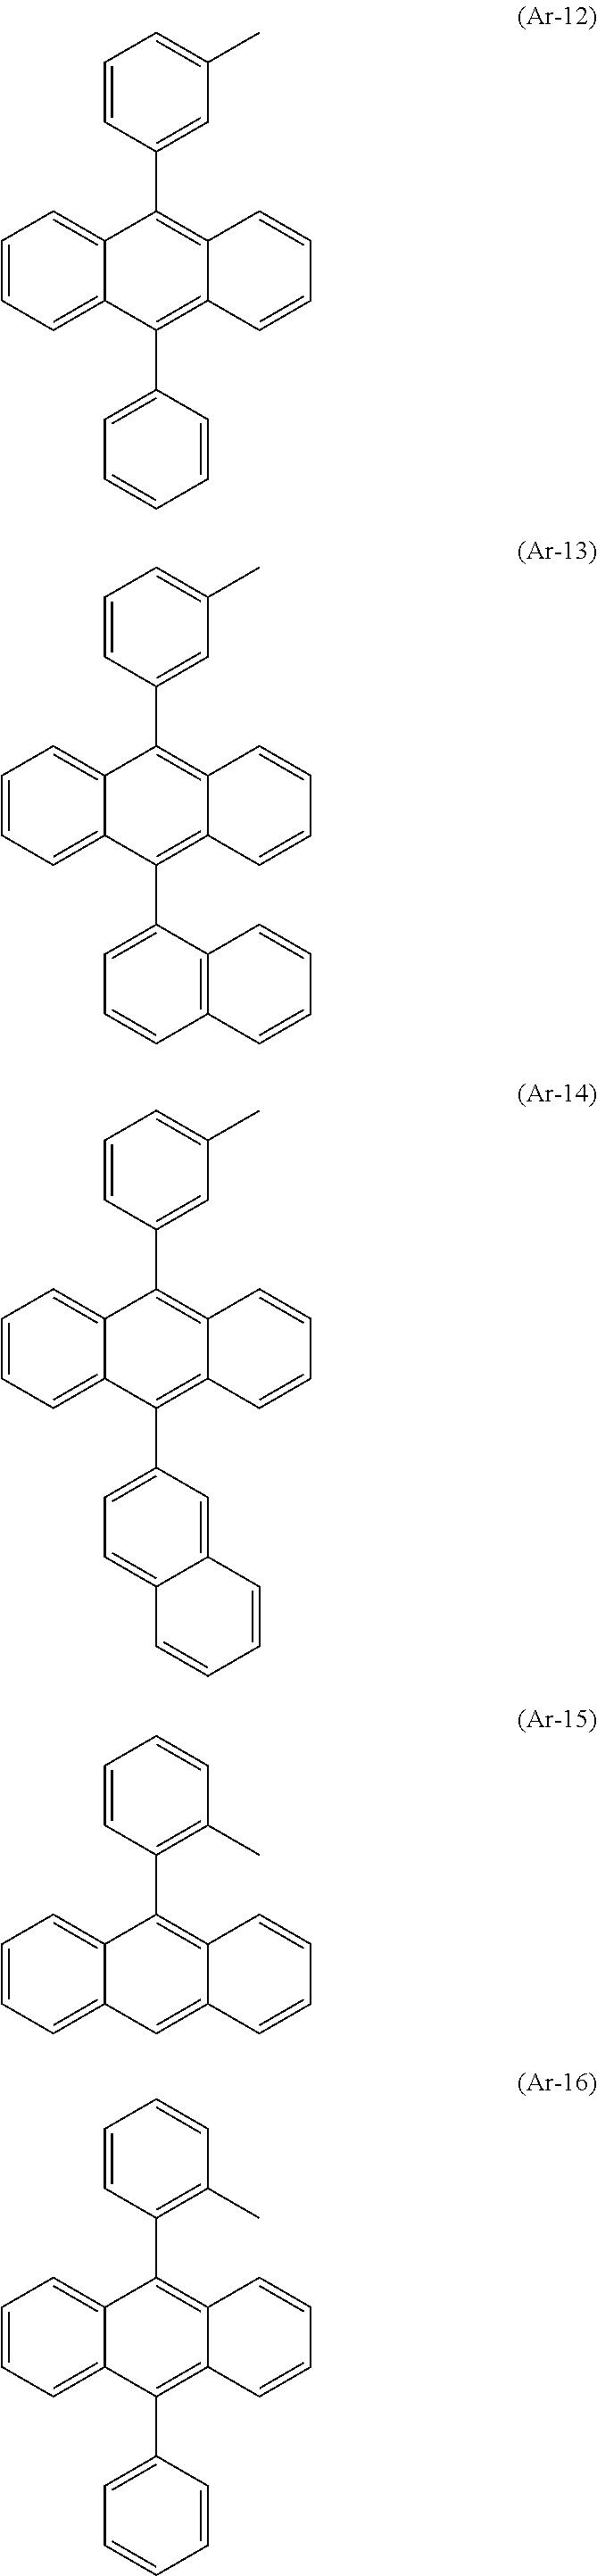 Figure US09240558-20160119-C00019